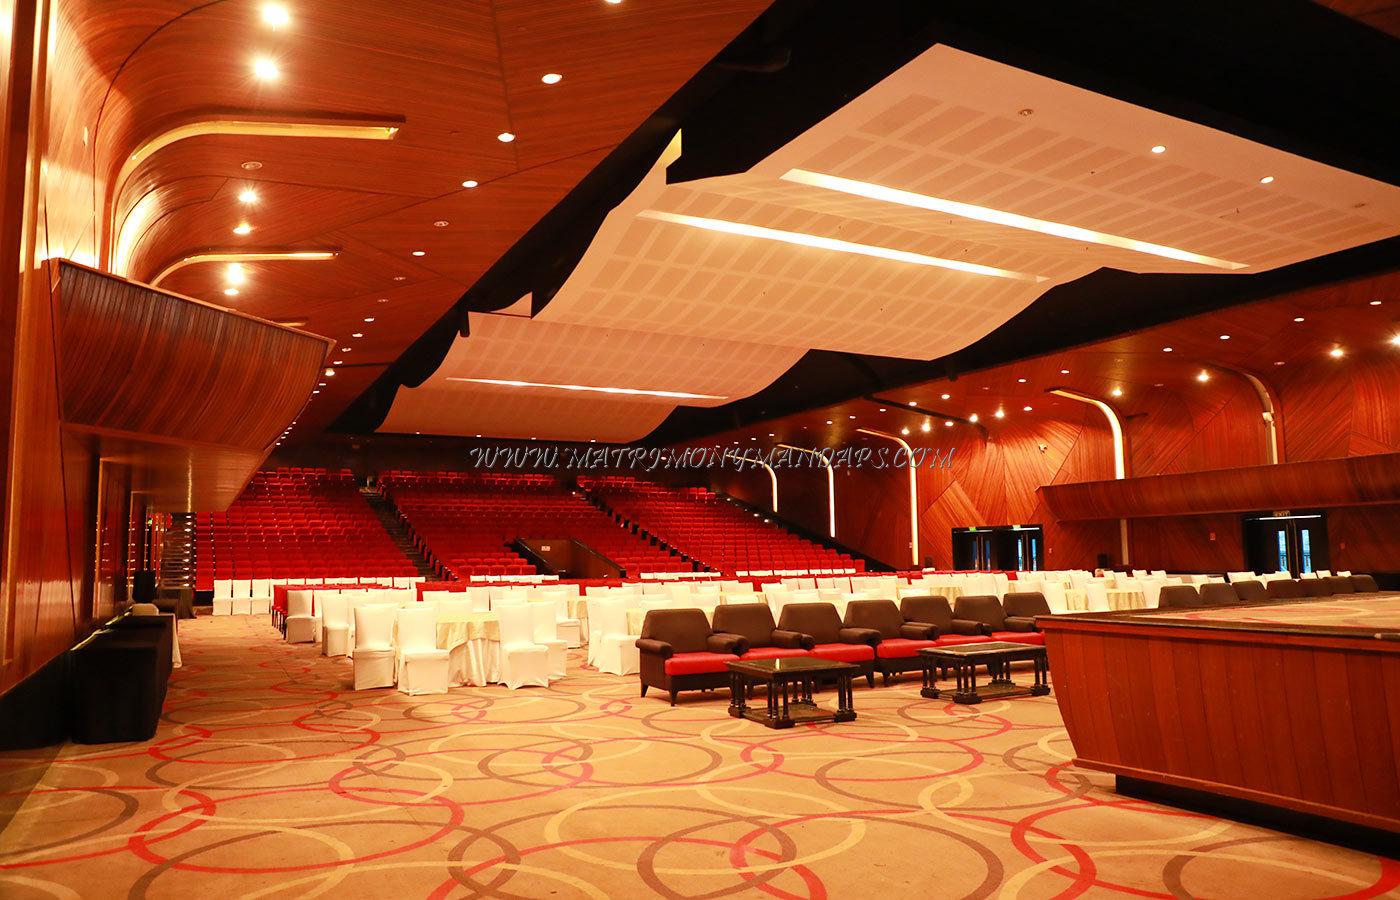 Le Meridien Kochi Oman Hall - Pre-function Area